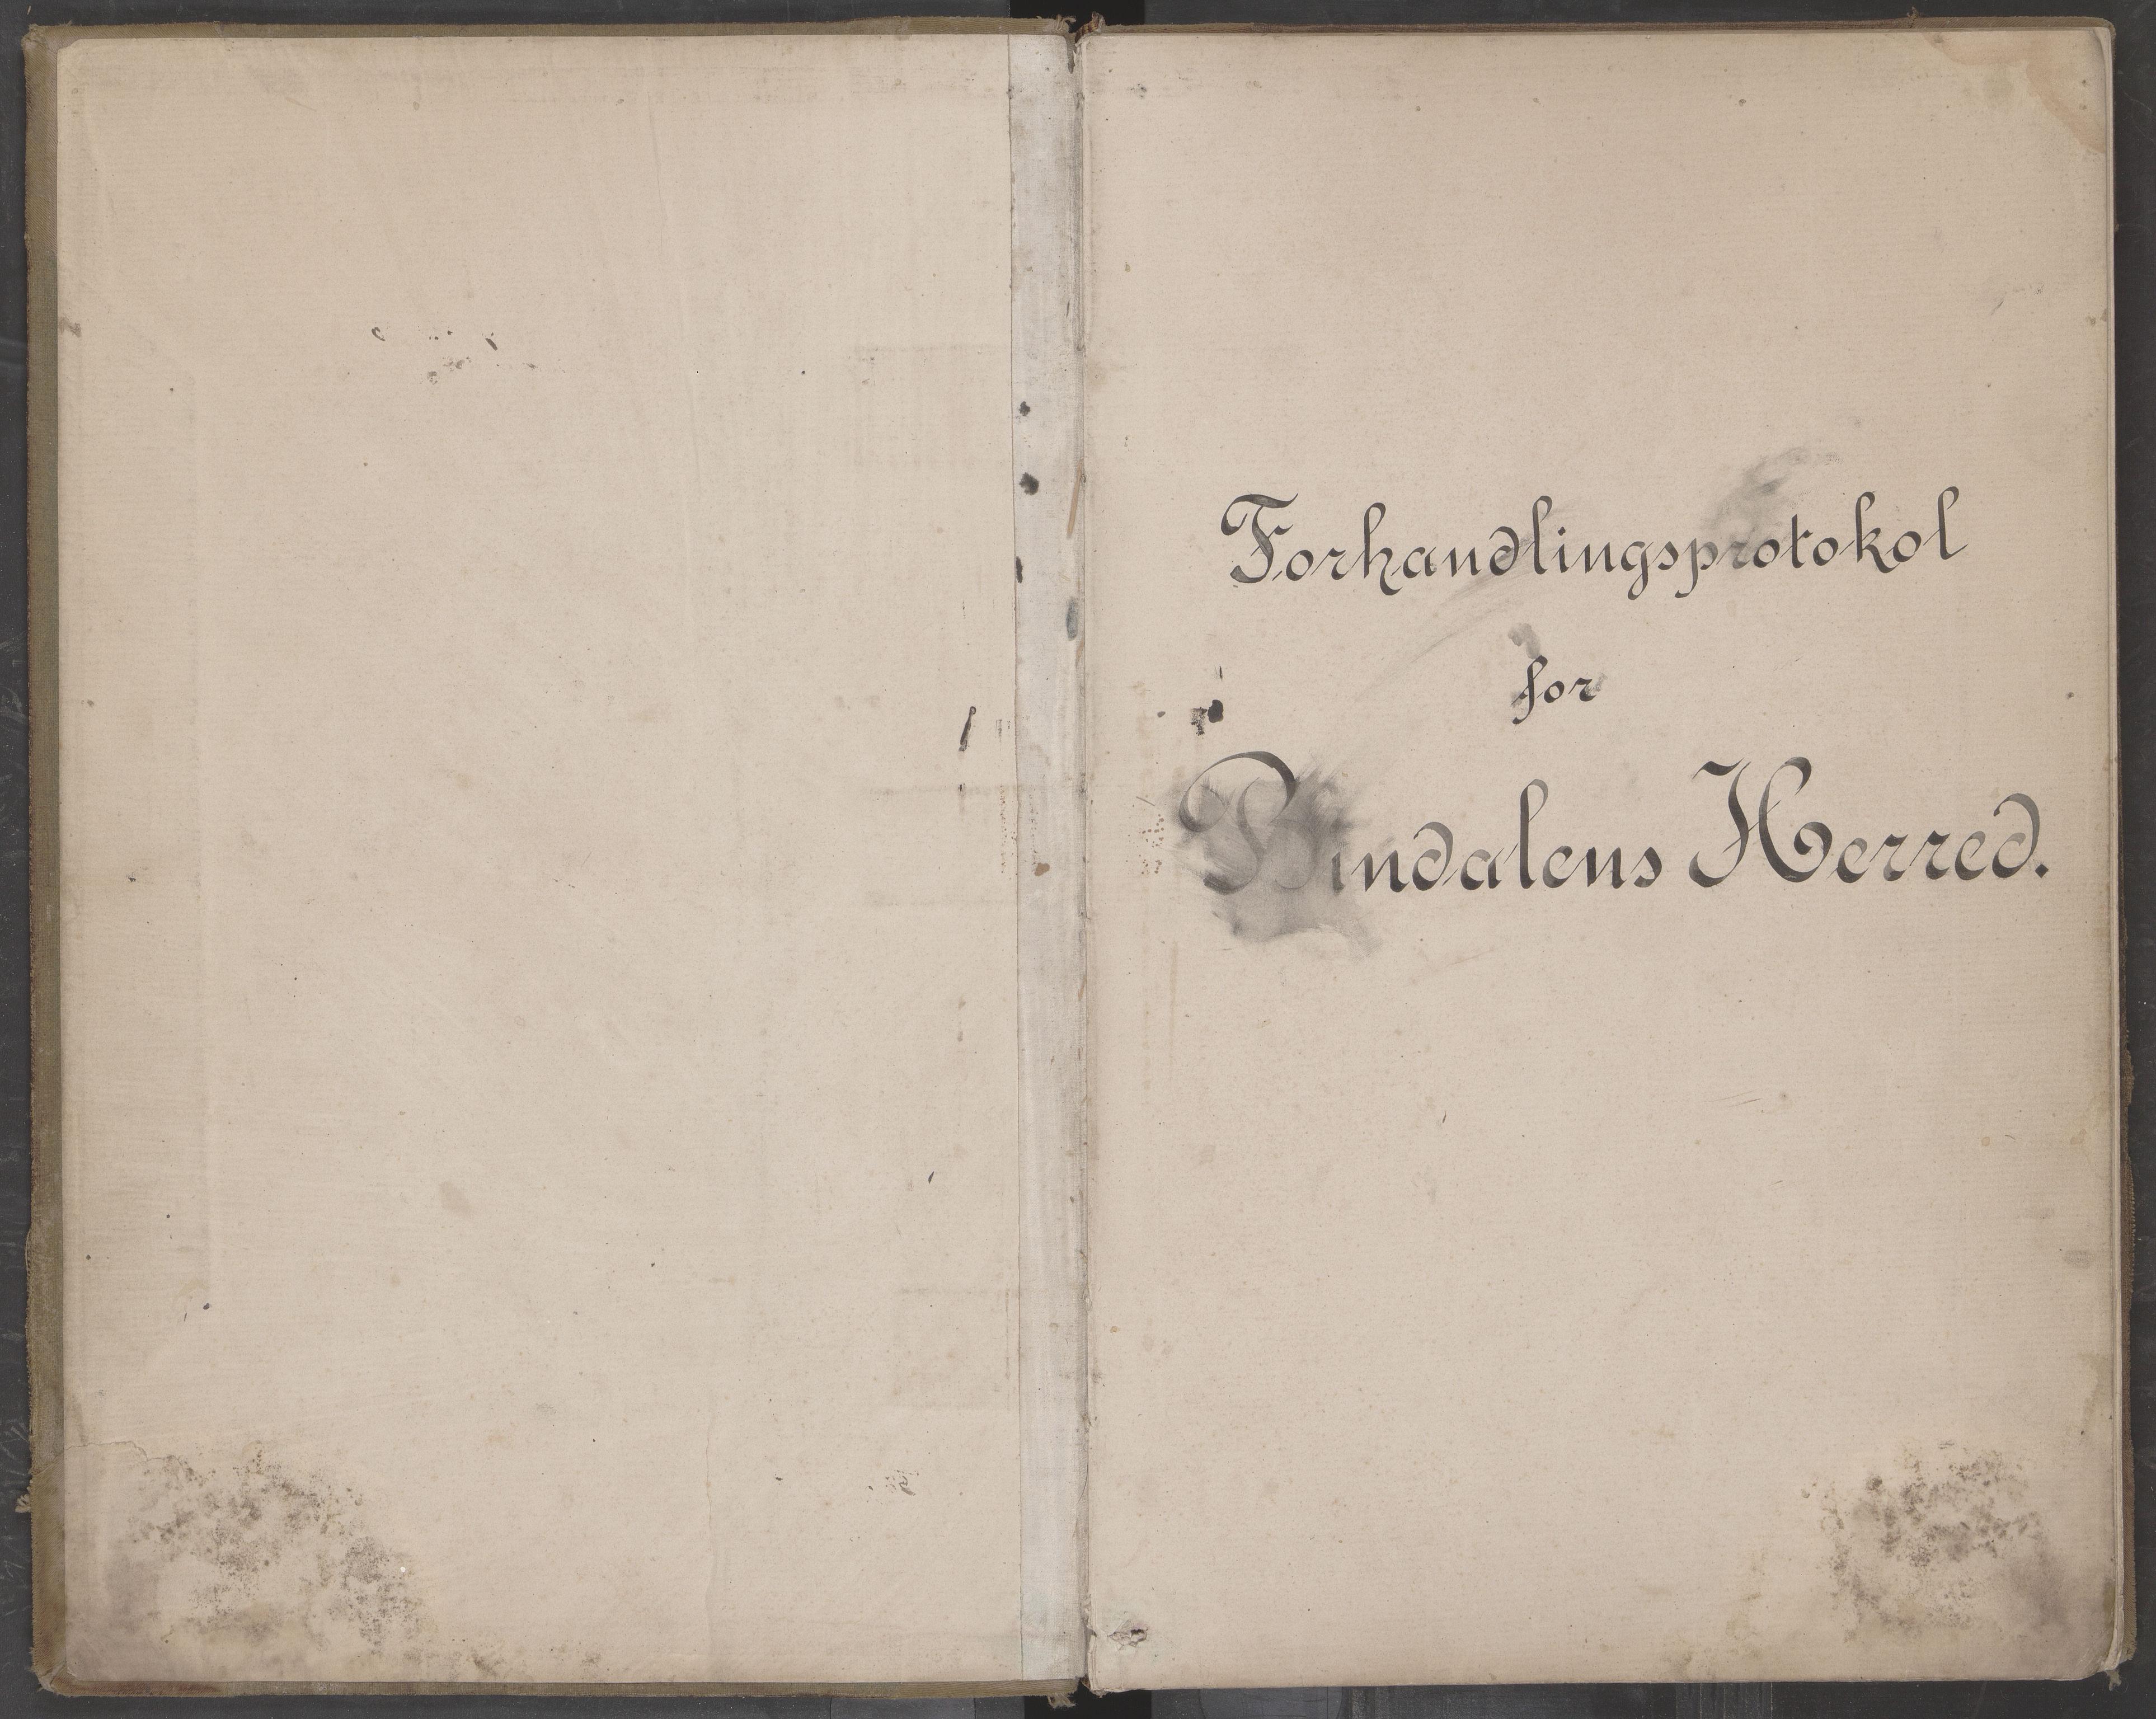 AIN, Bindal kommune. Formannskapet, A/Aa/L0000c: Møtebok, 1885-1897